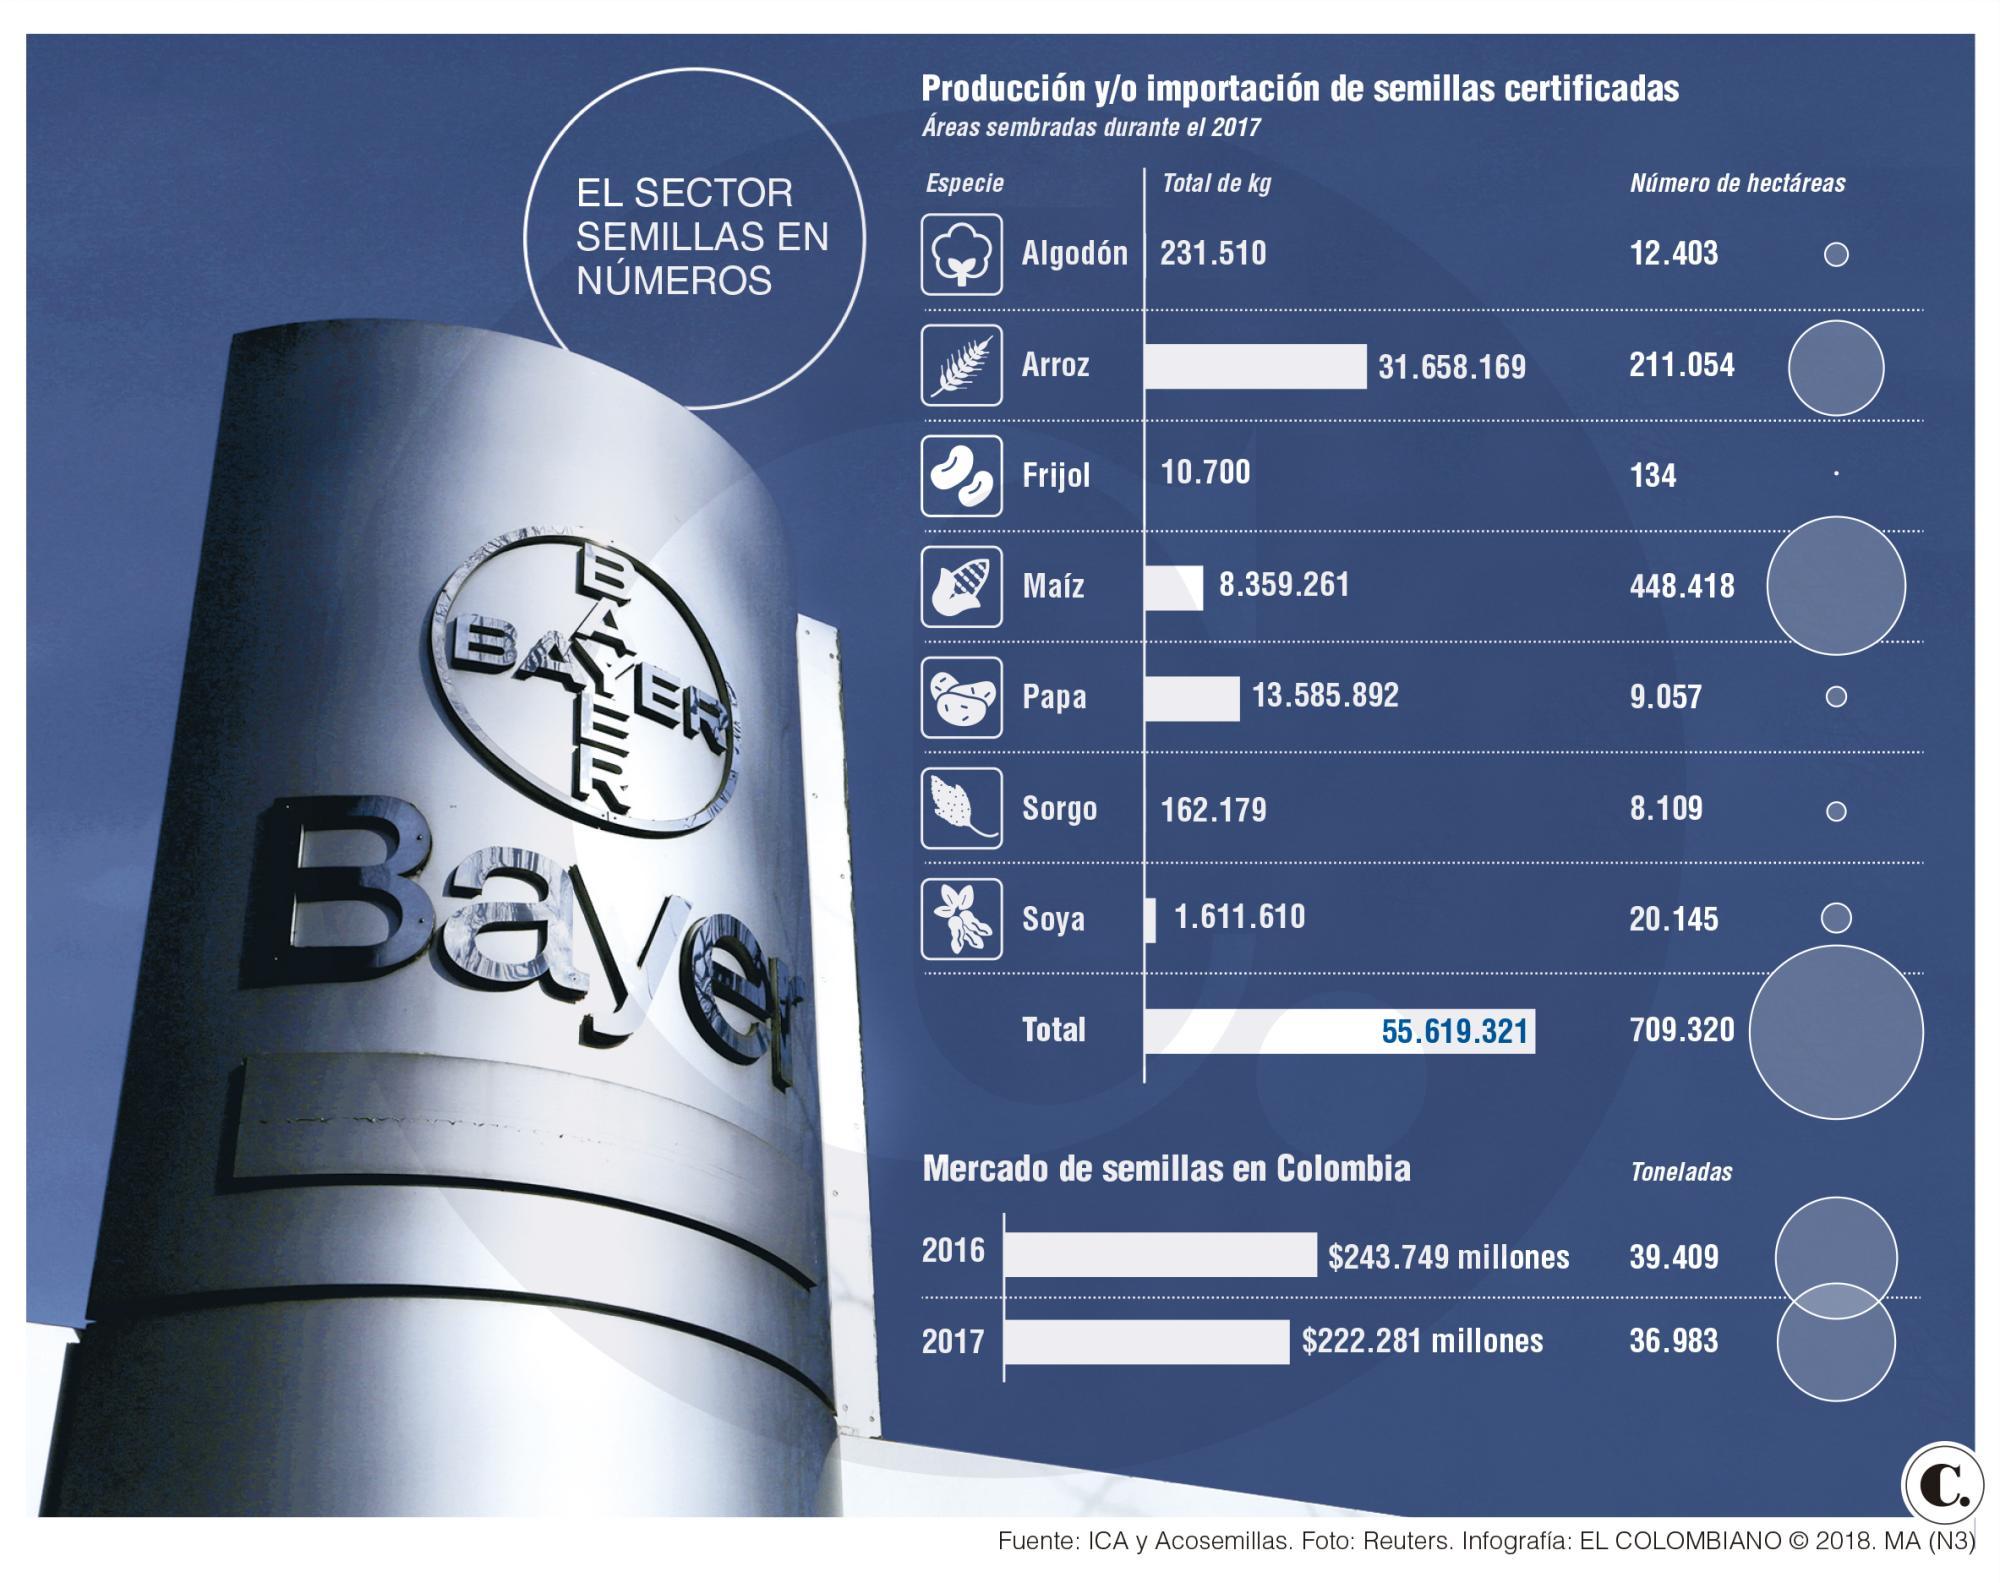 ¿Por qué es importante la compra Bayer - Monsanto?